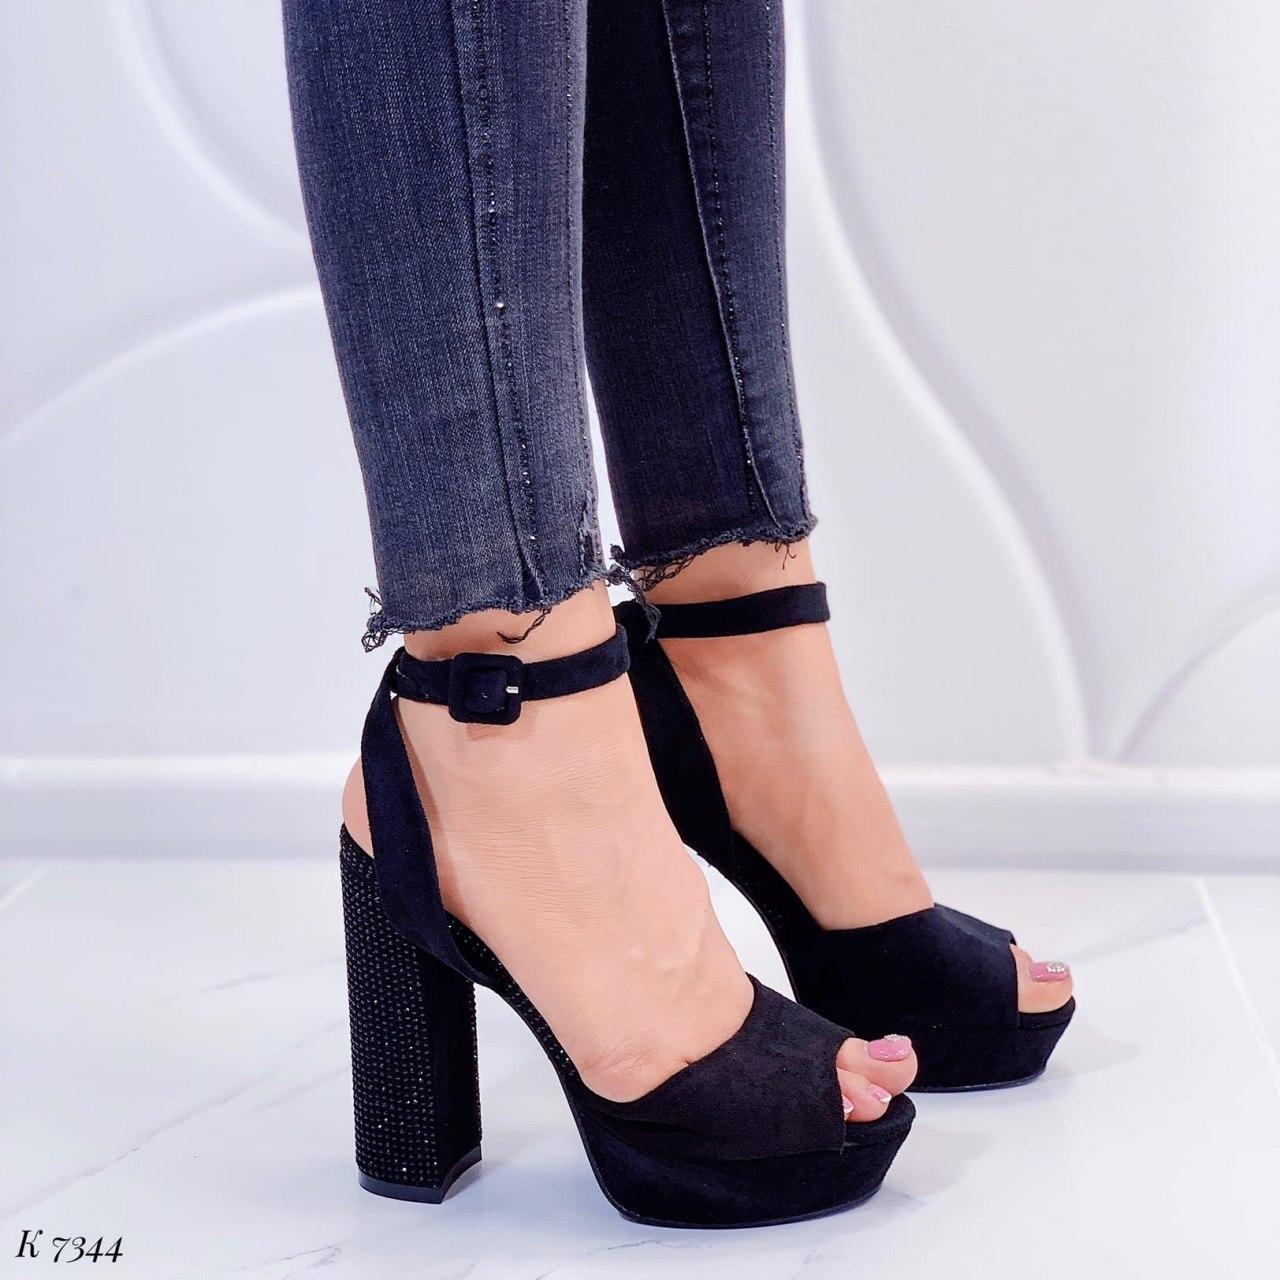 Женские босоножки черные со стразами на каблуке 13,5 см эко-замш